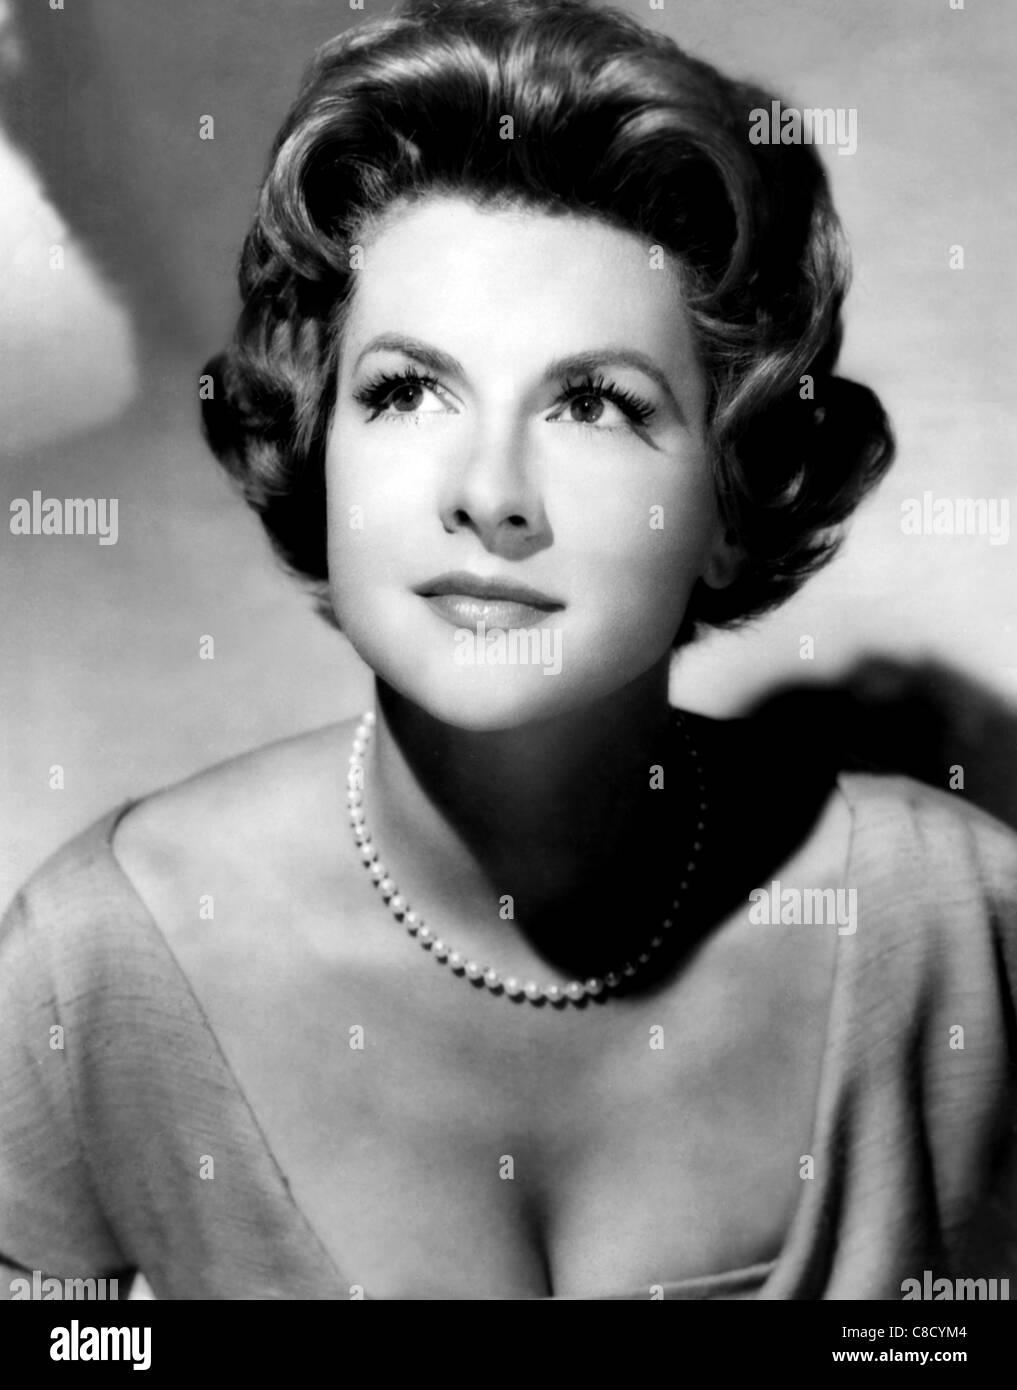 NICOLE MAUREY ACTRESS (1956) - Stock Image